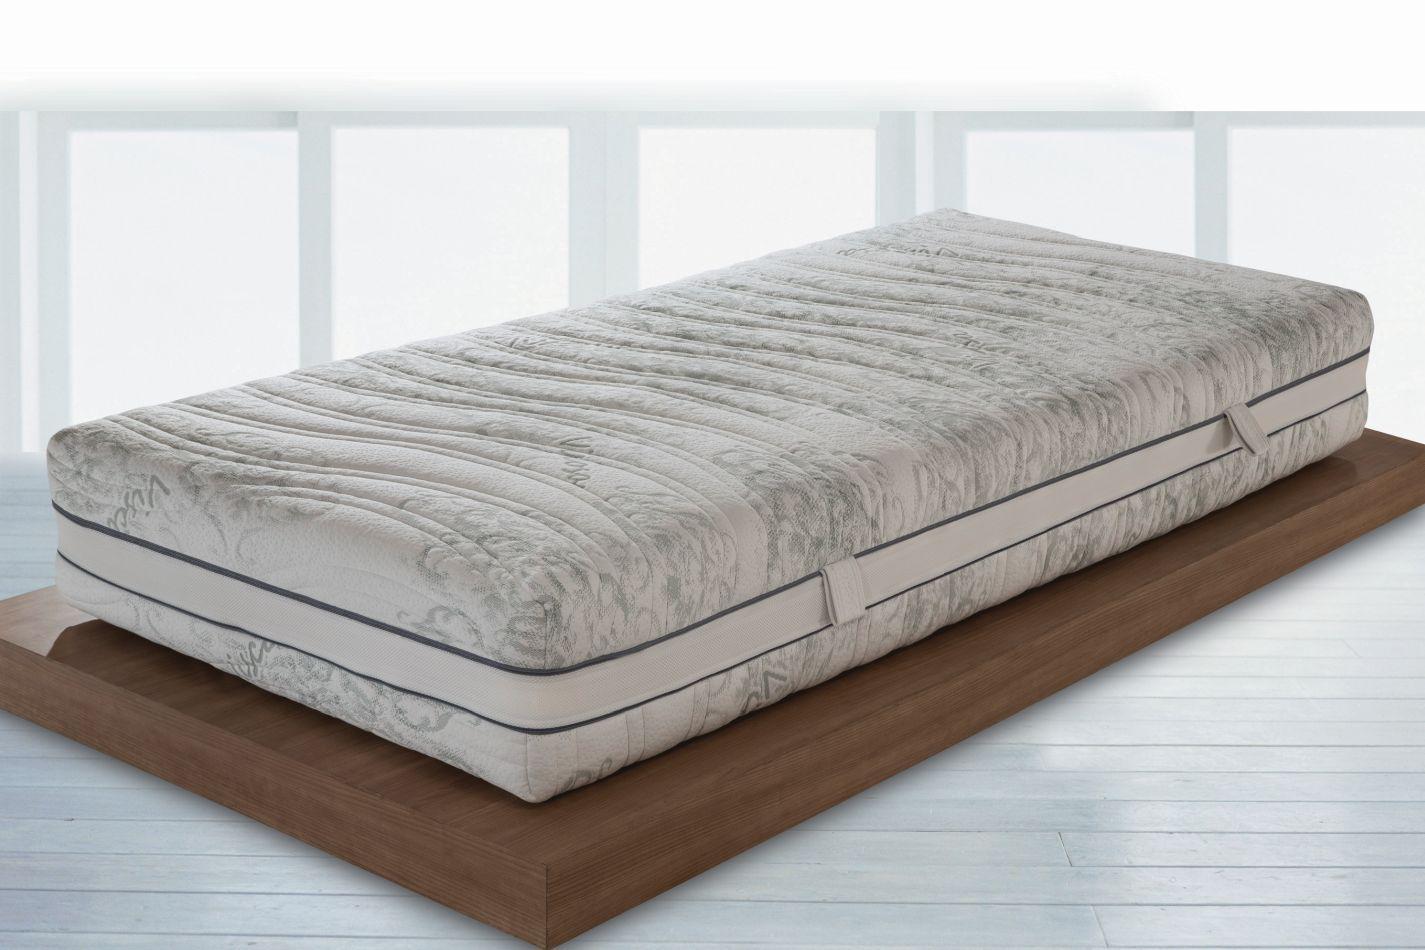 Matratze Balance Extra mit Taschen Federkern  - Abmessung: 140 x 200 cm